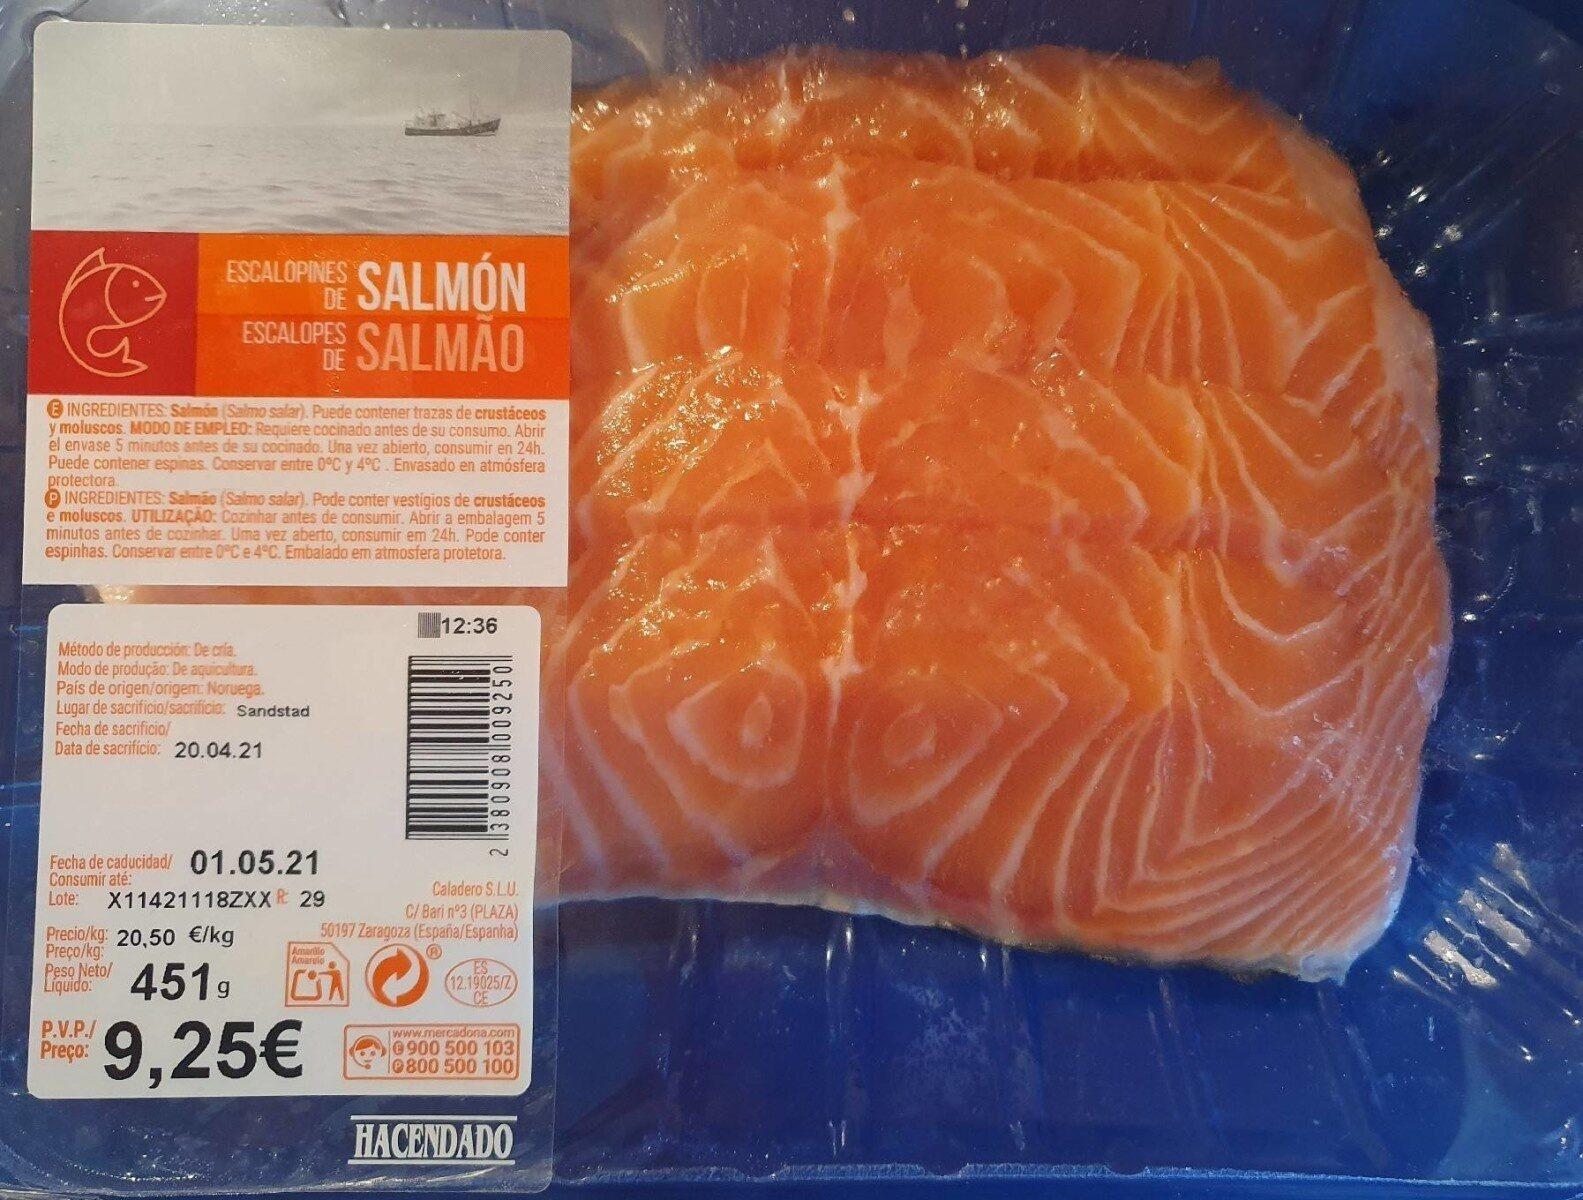 Escalopines de salmón - Product - es